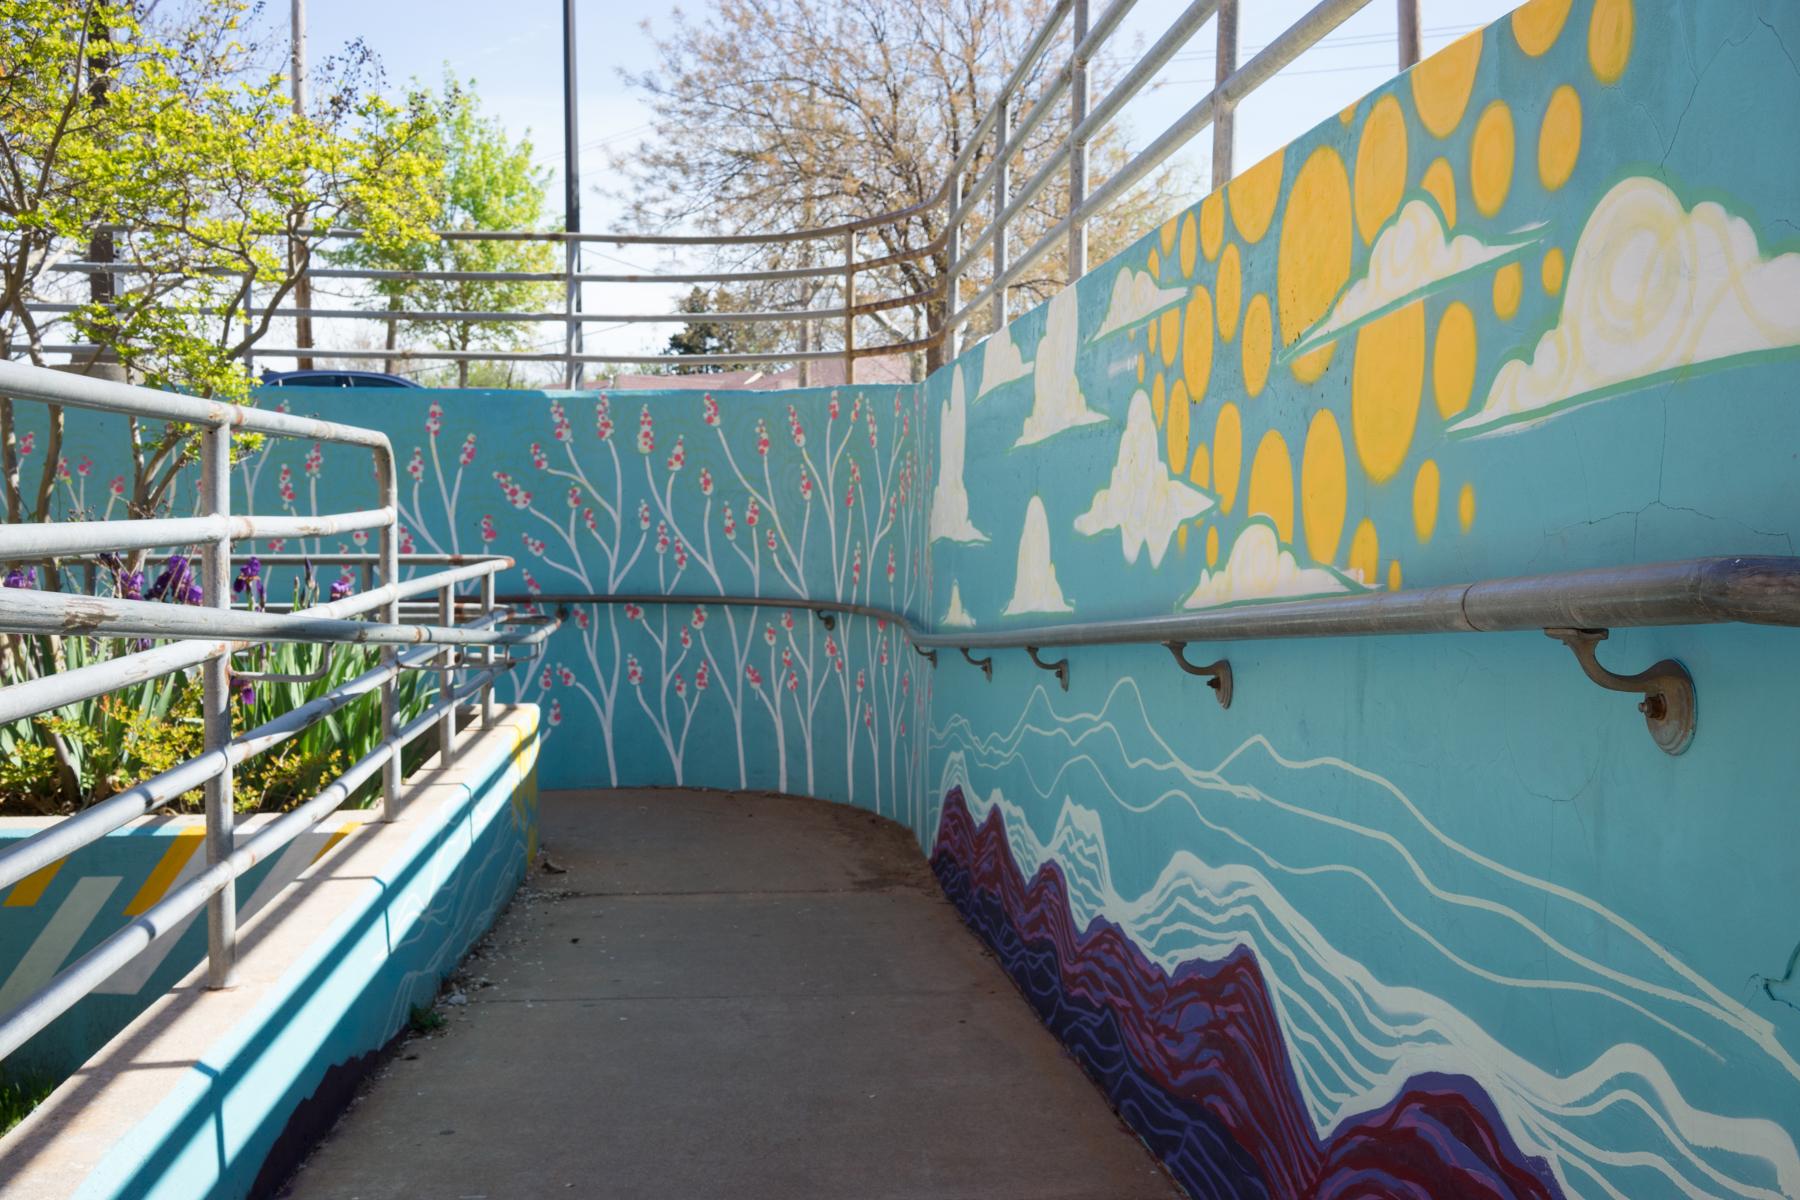 eugene field mural-05078.jpg